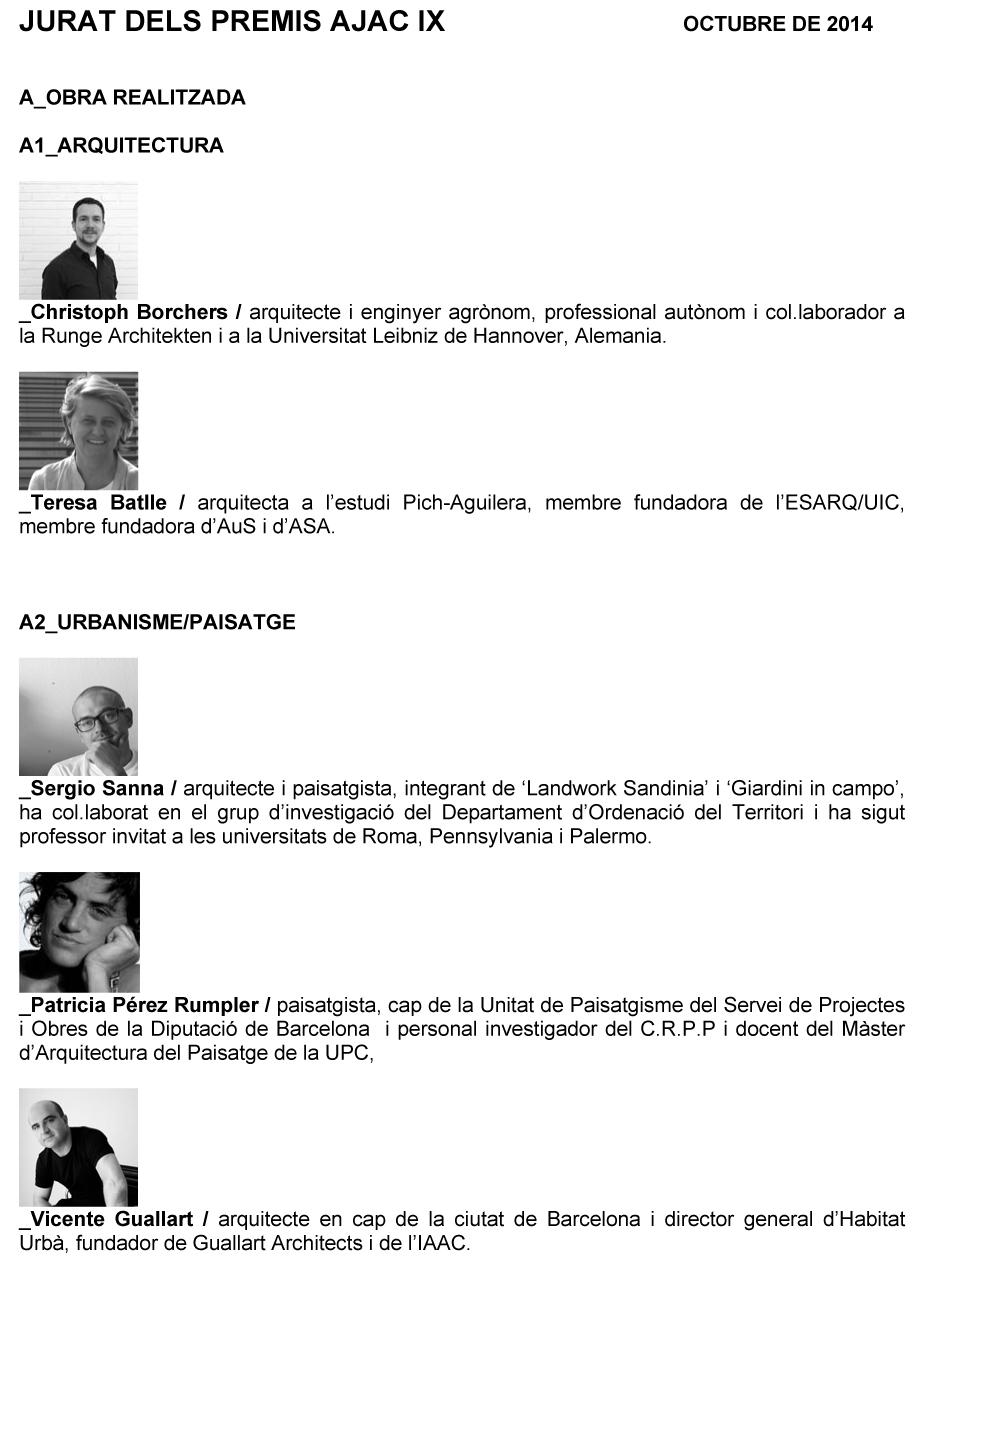 JURAT DELS PREMIS AJAC IXOCTUBRE DE 2014-1